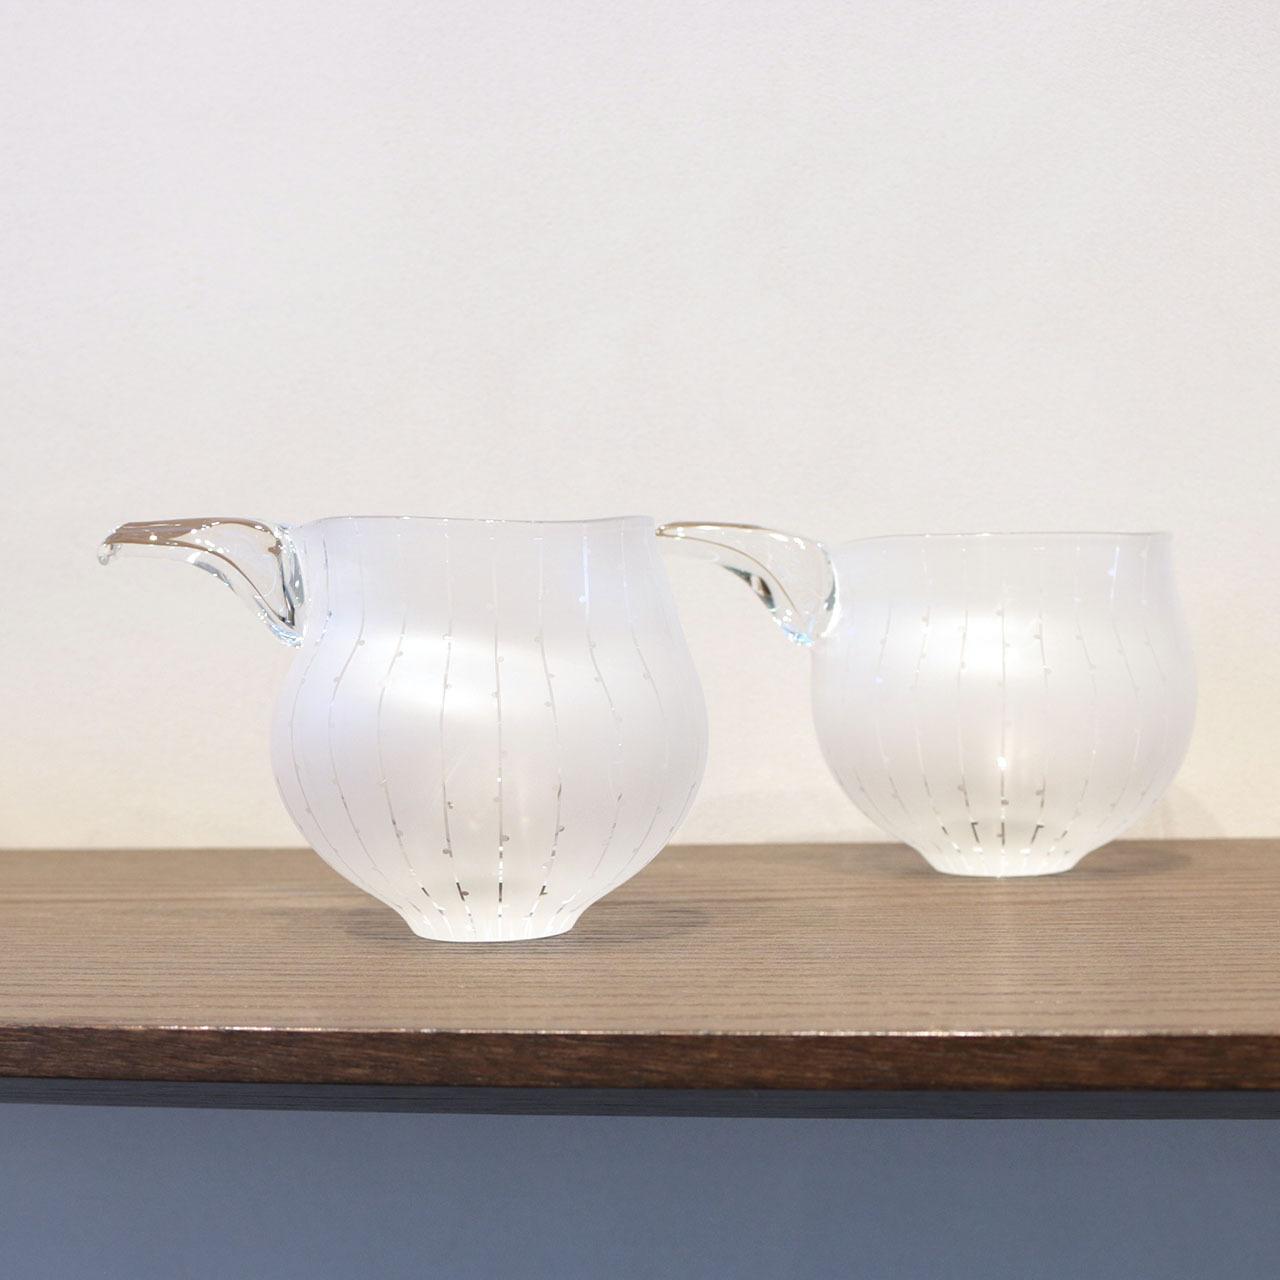 【 冷酒?or 冷茶? 】冷たい飲み物を注ぎたいガラス片口